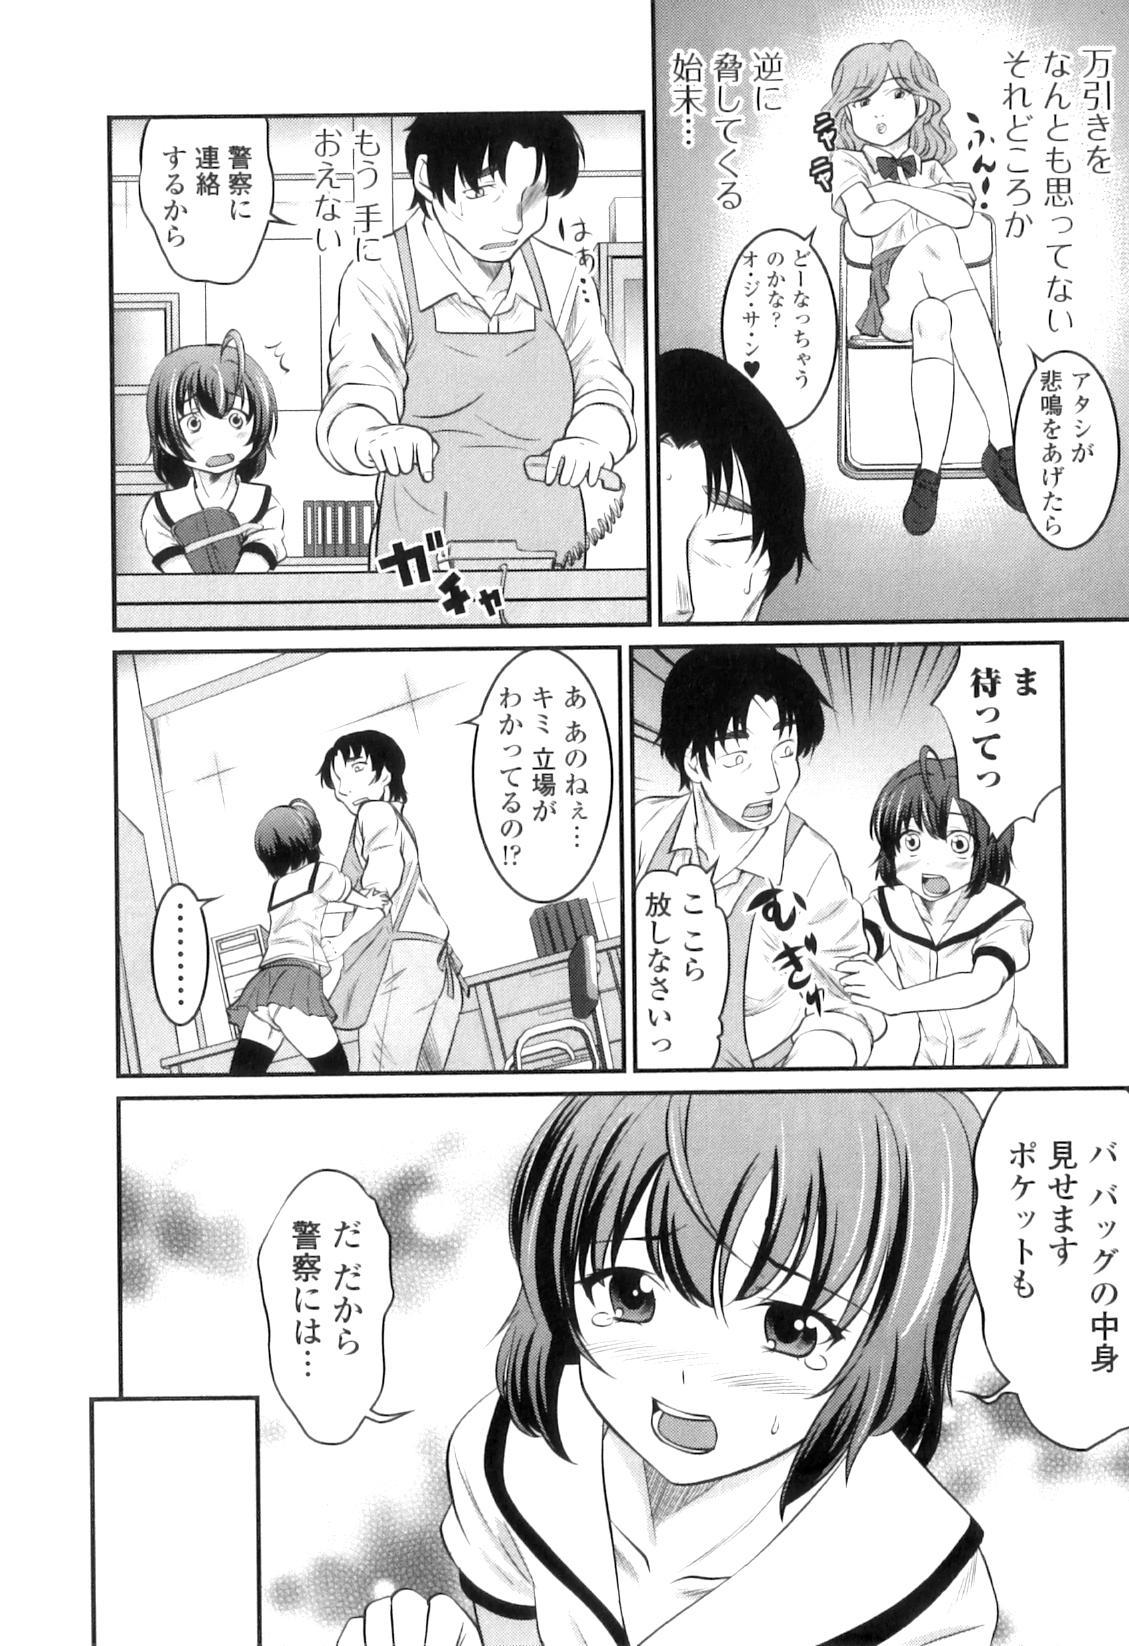 Otokonoko wa Ore no Yome 42